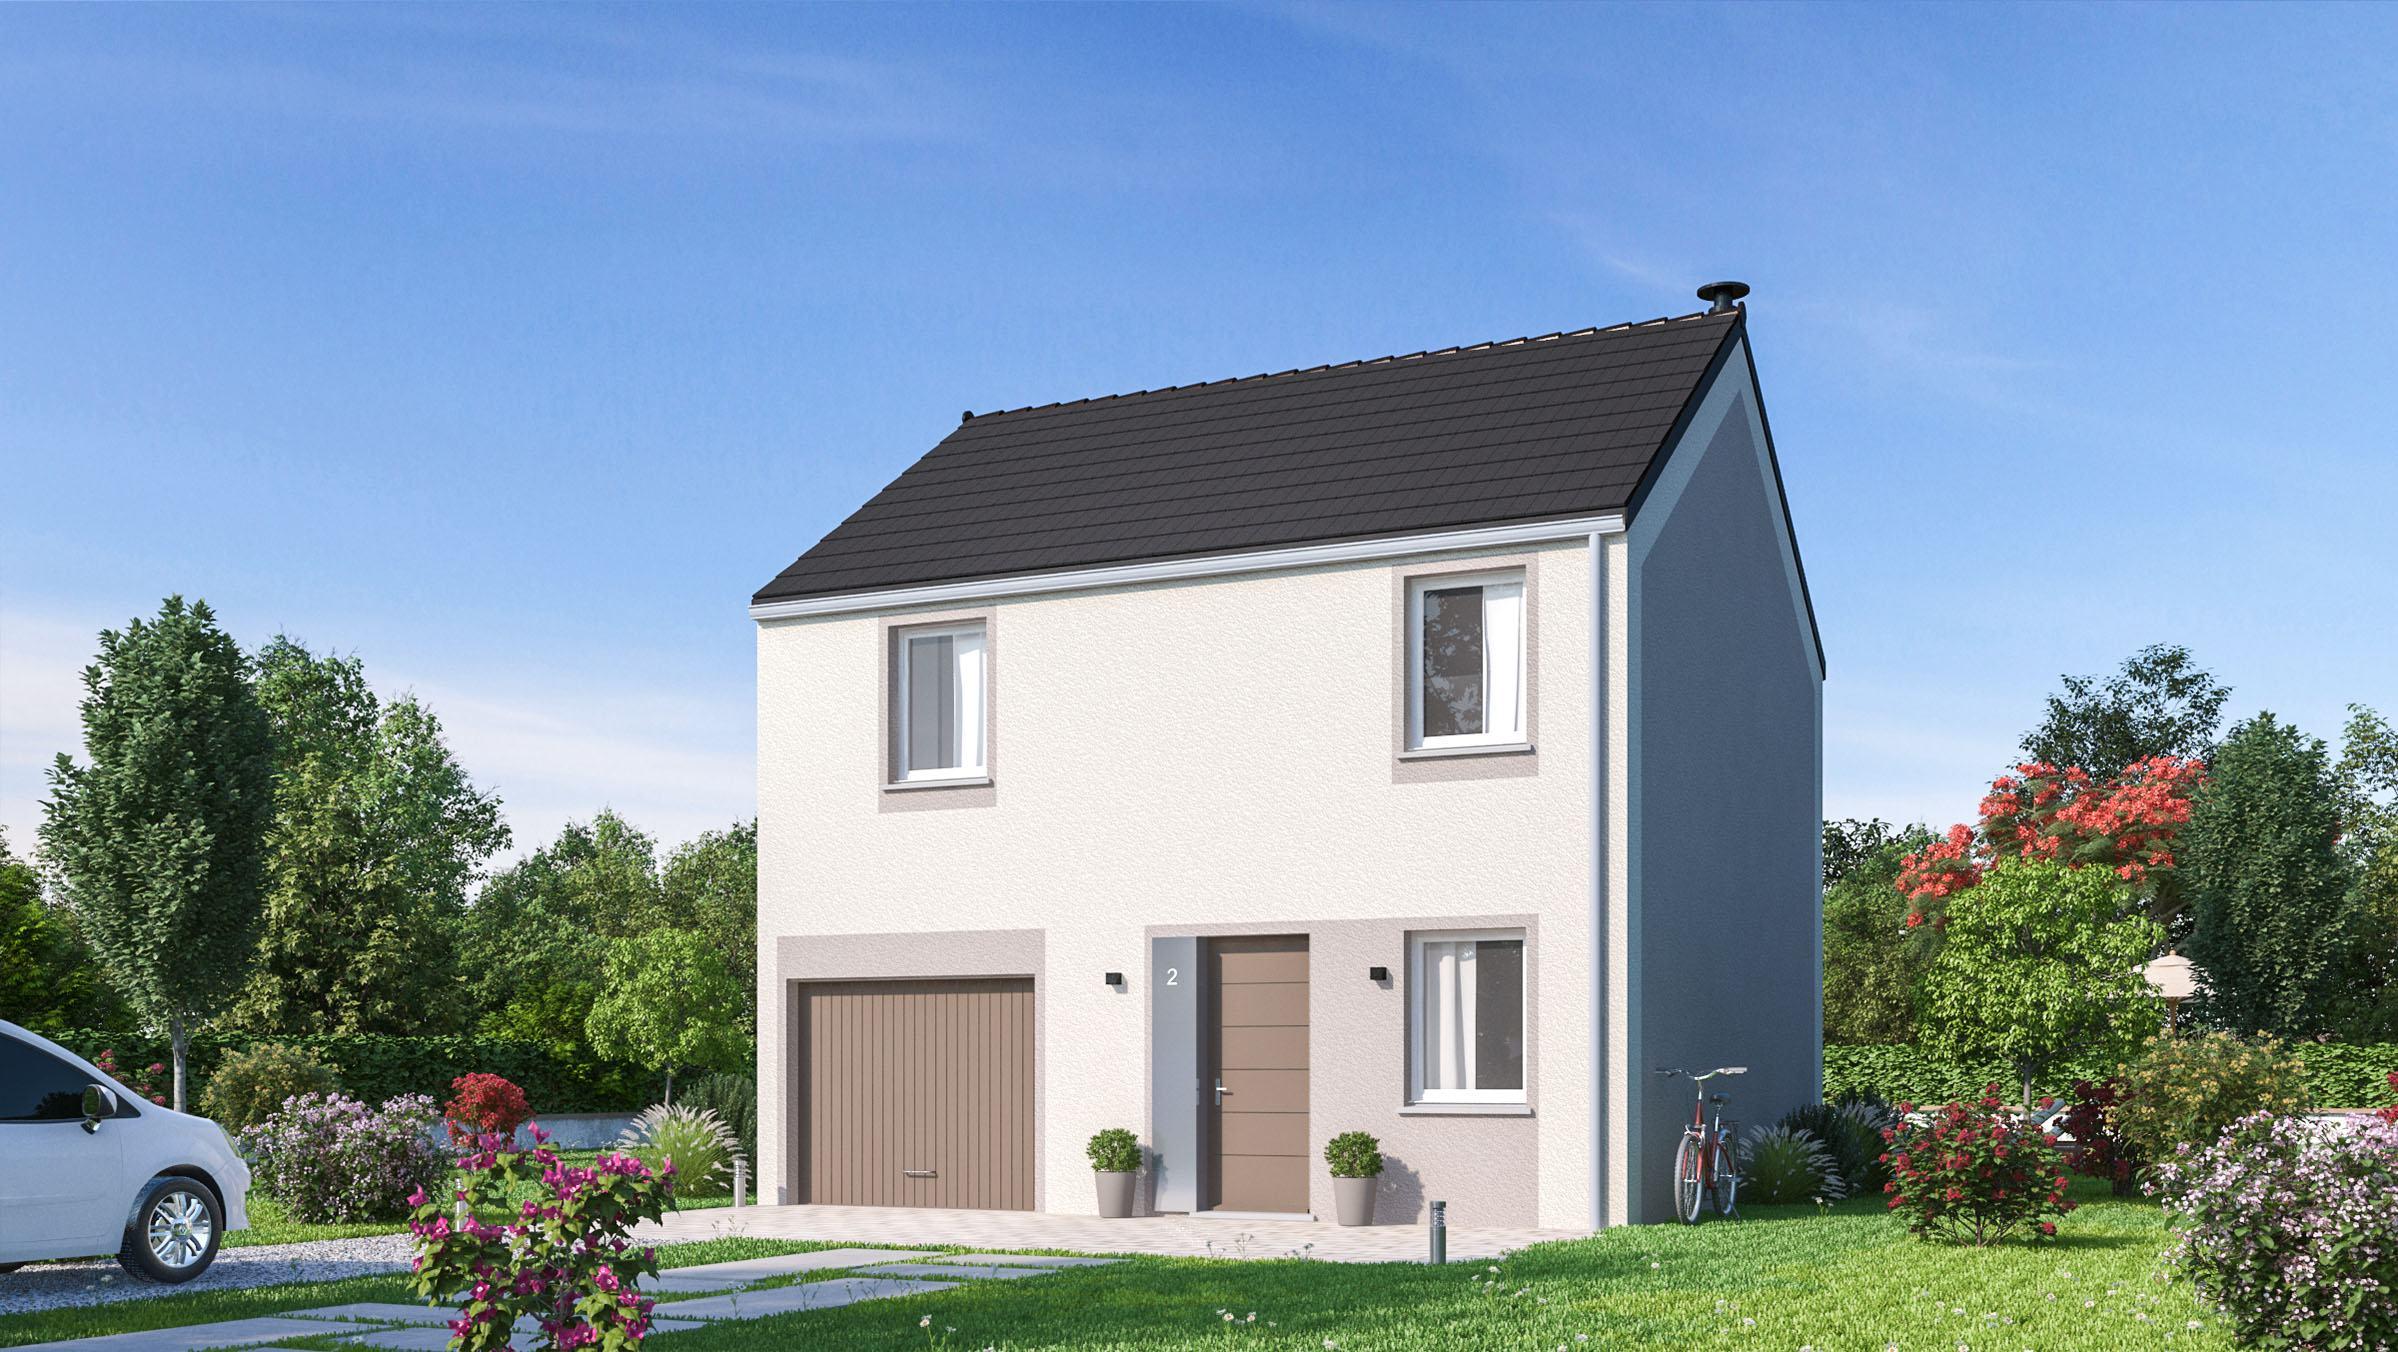 Maisons + Terrains du constructeur MAISONS PHENIX MOISSELLES/BAILLET EN FC • 83 m² • MERY SUR OISE